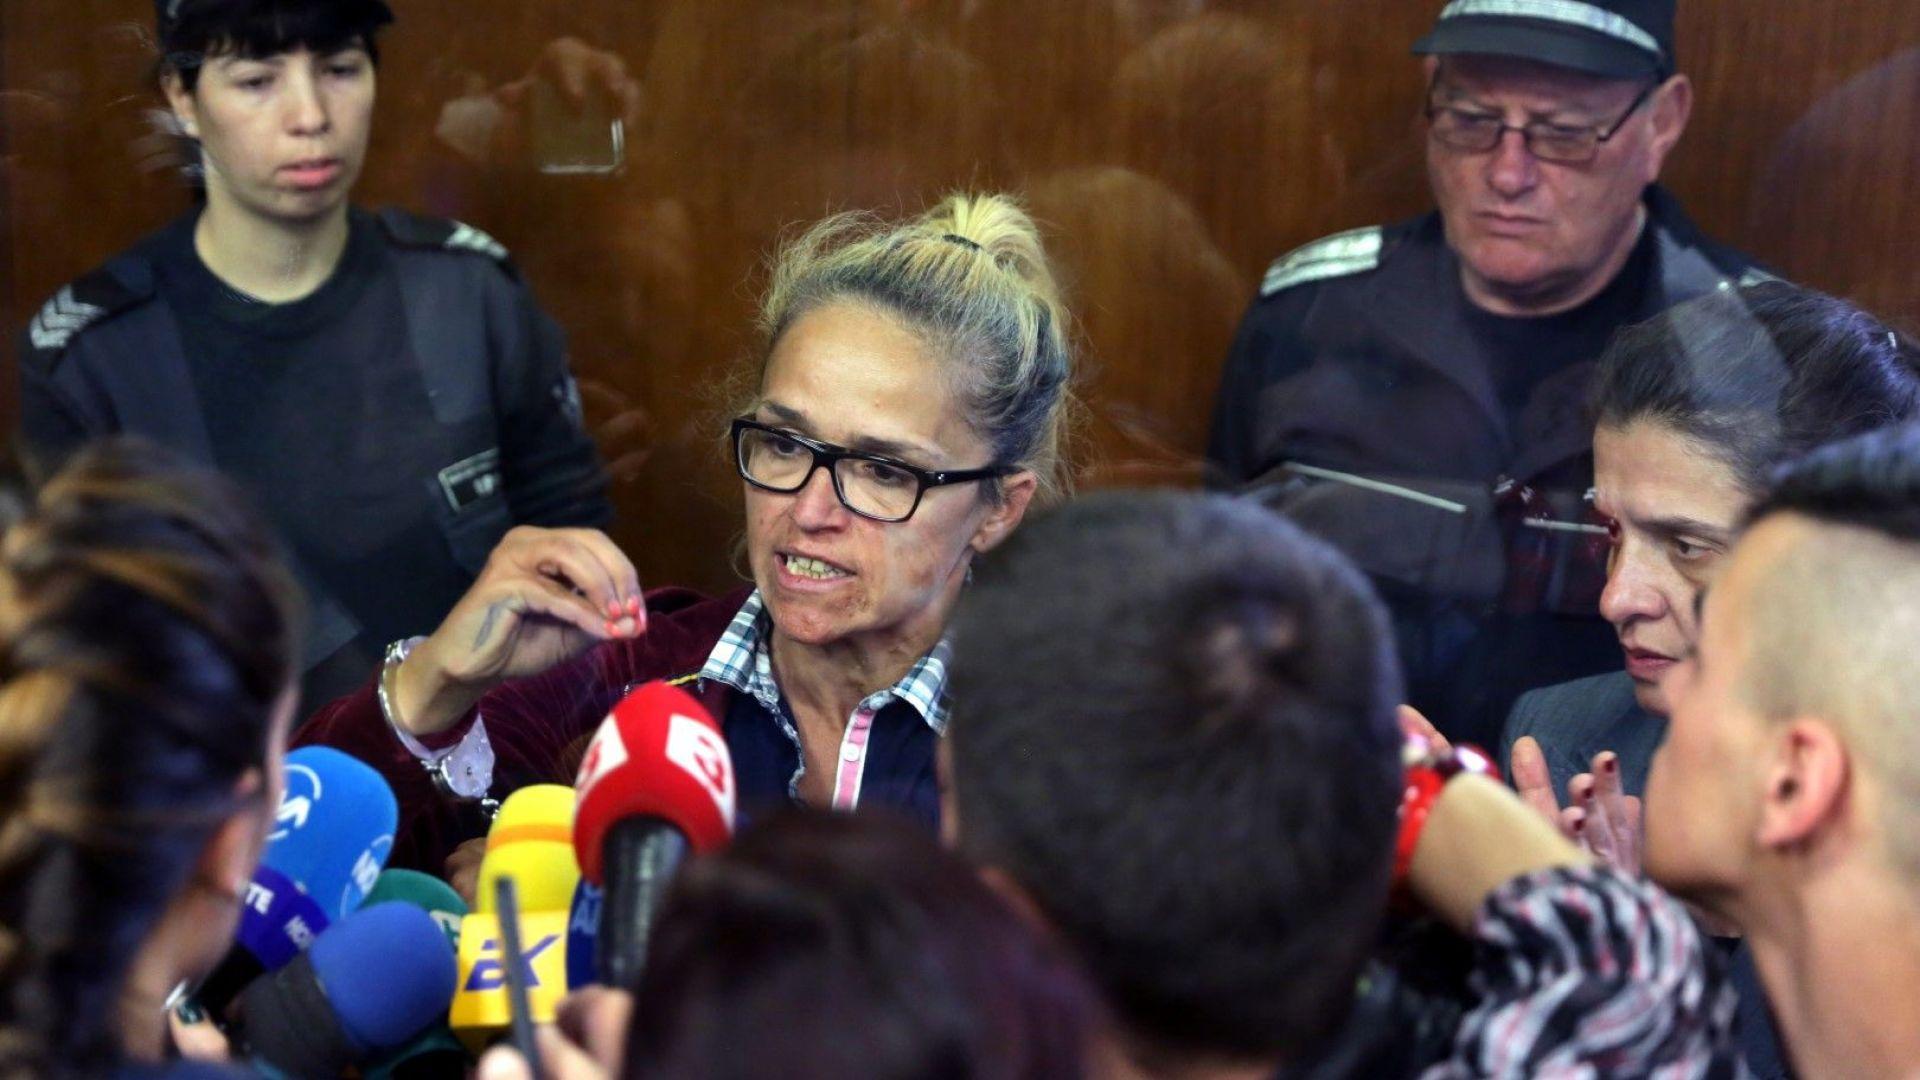 Десислава Иванчева крещи в съда: Пари не сме пипали, това е заговор